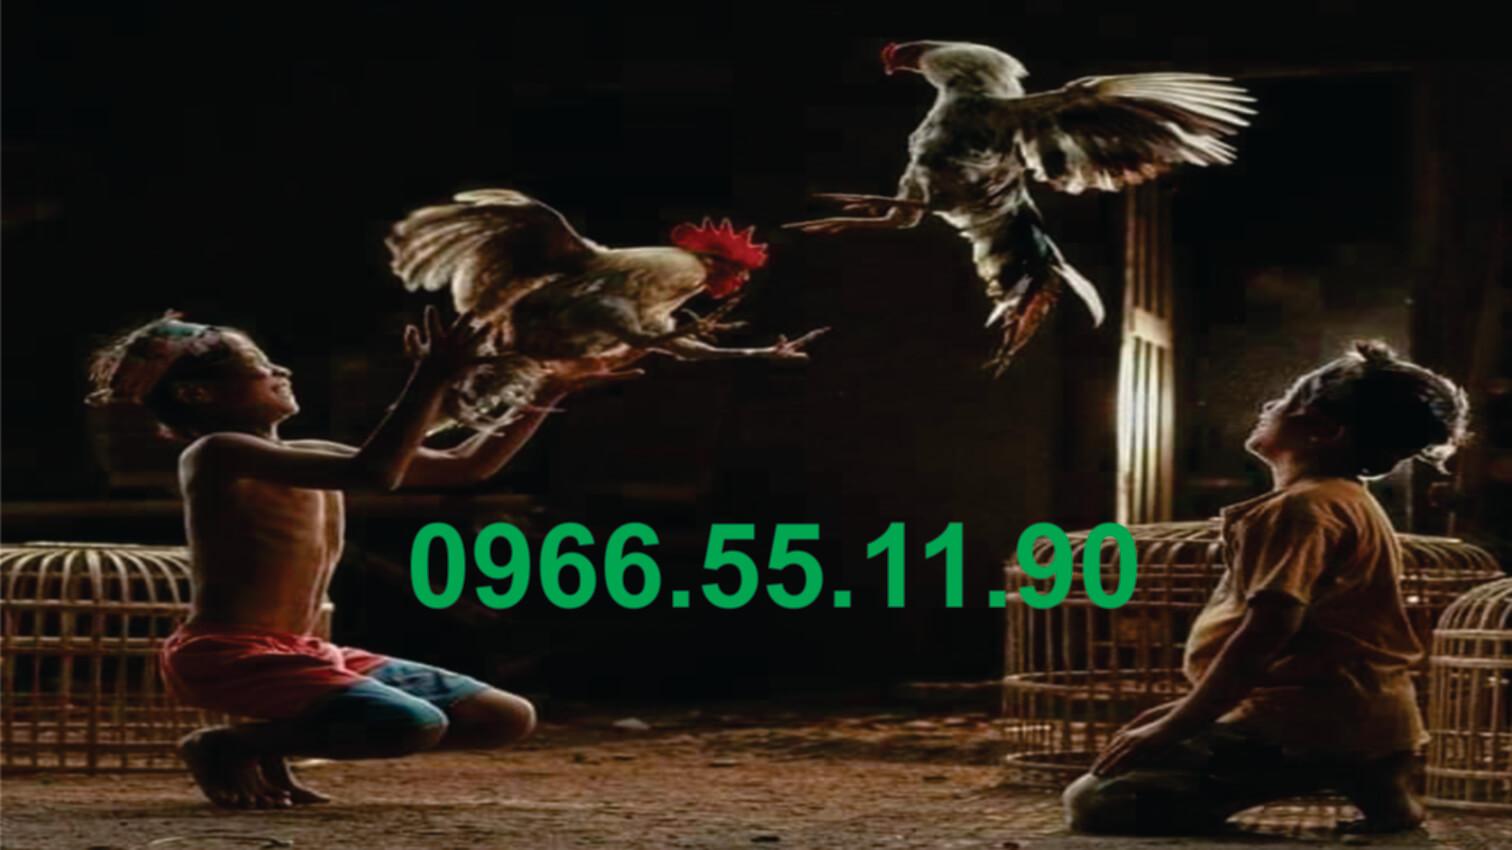 Cặp Gà Lông hàng VIP A/e Liên hệ 0966.55.11.90